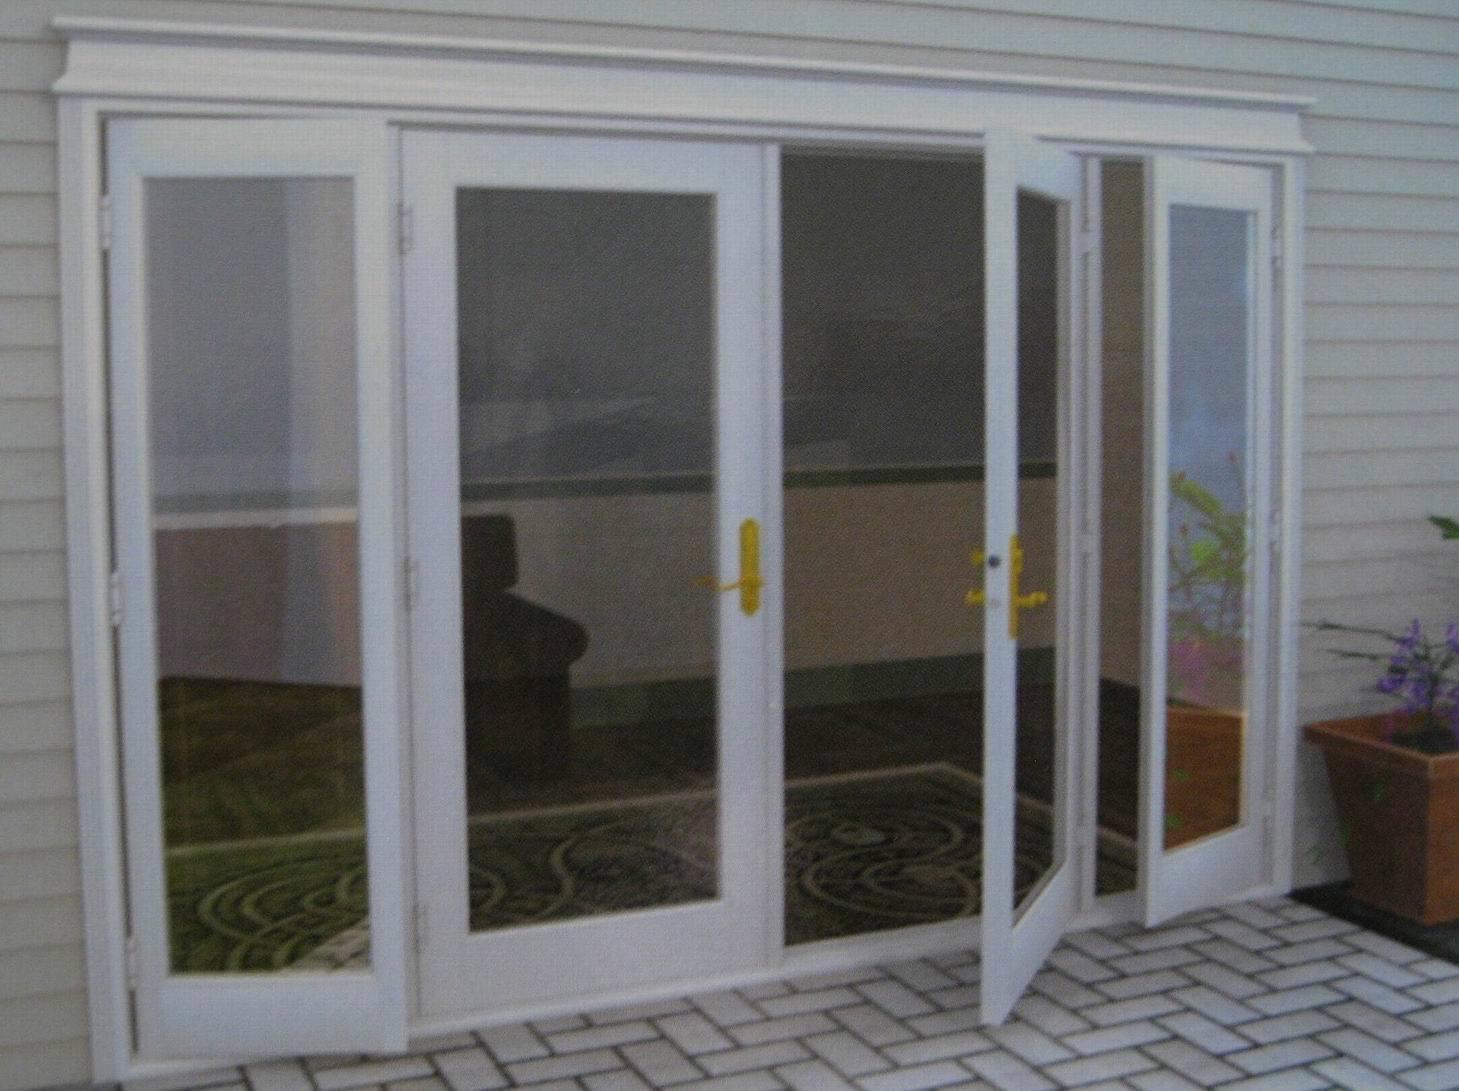 Puertas francesas de aluminio puertas francesas de for Precio de puertas francesas